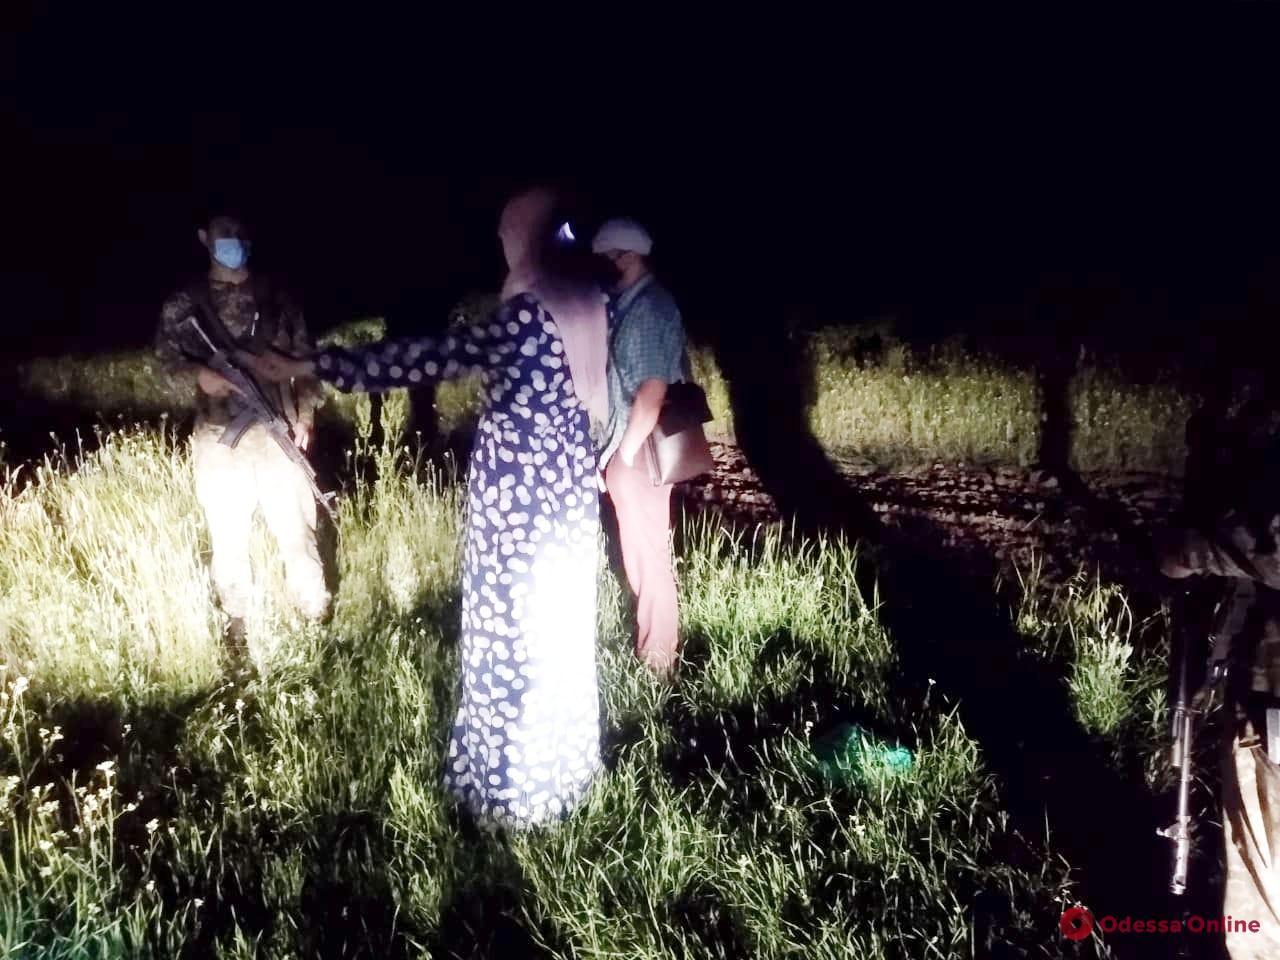 В Одесской области пограничники задержали троих граждан РФ – двое нарушили границу, а один хотел дать взятку